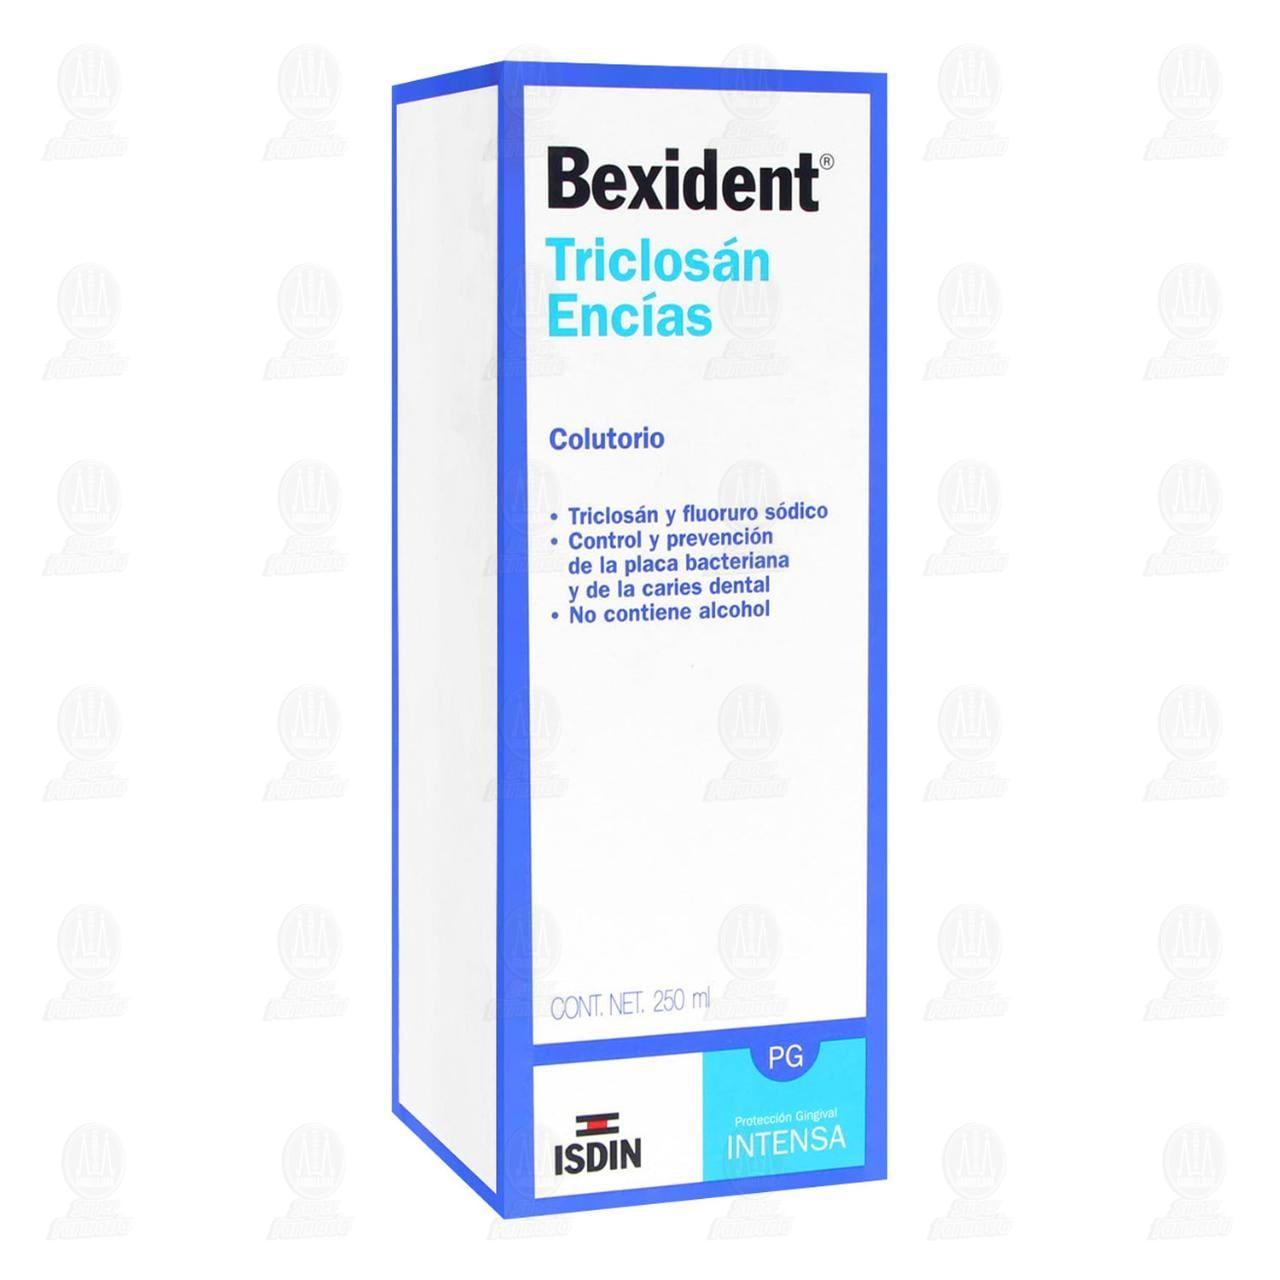 Comprar Bexident Triclosán Colutorio 250ml en Farmacias Guadalajara